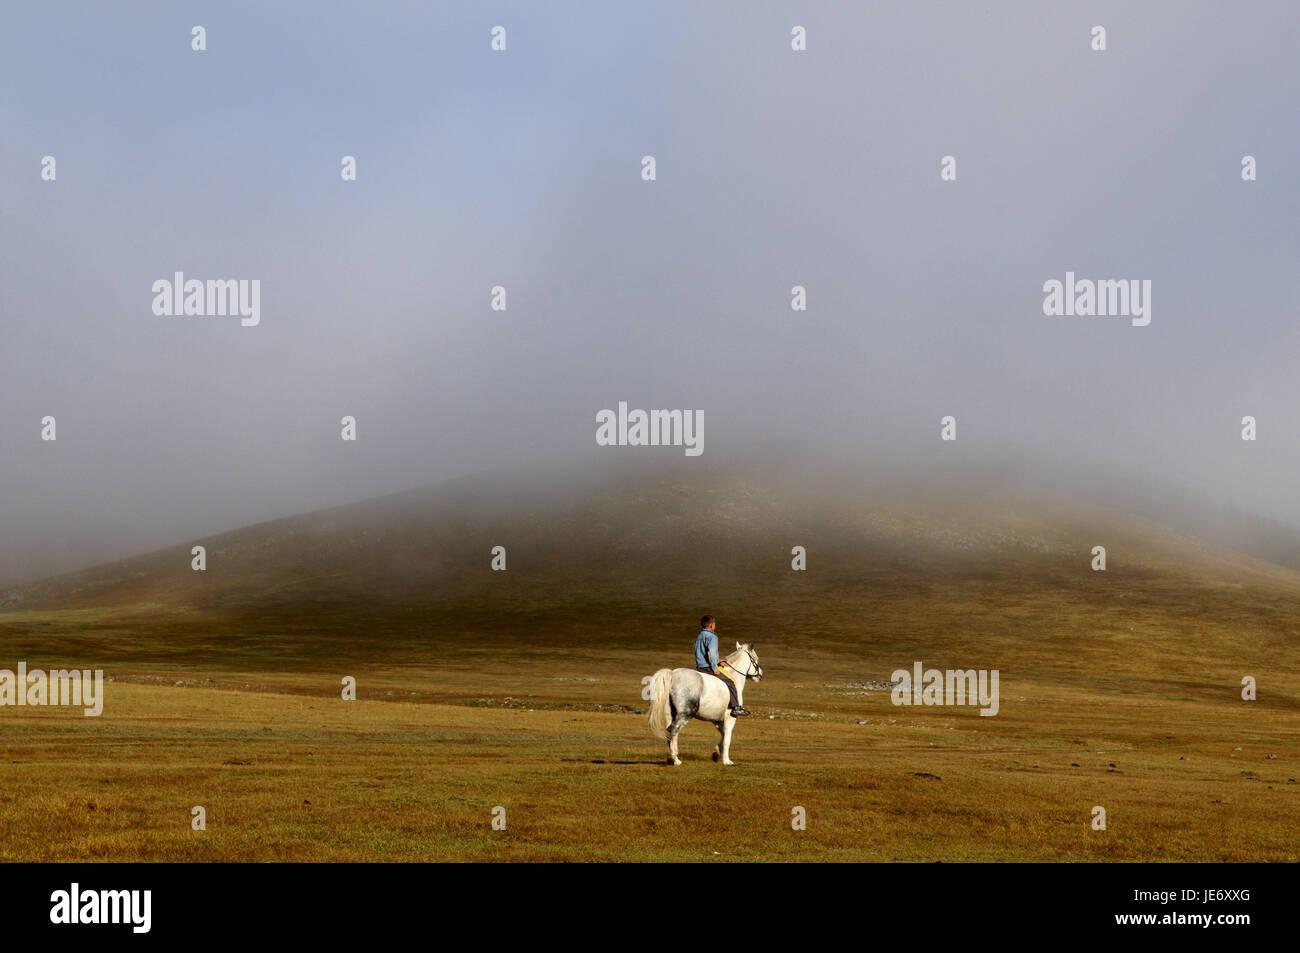 In Mongolia e in Asia centrale, provincia Arkhangai, ragazzo sul cavallo bianco, scenario, nebbia, Immagini Stock